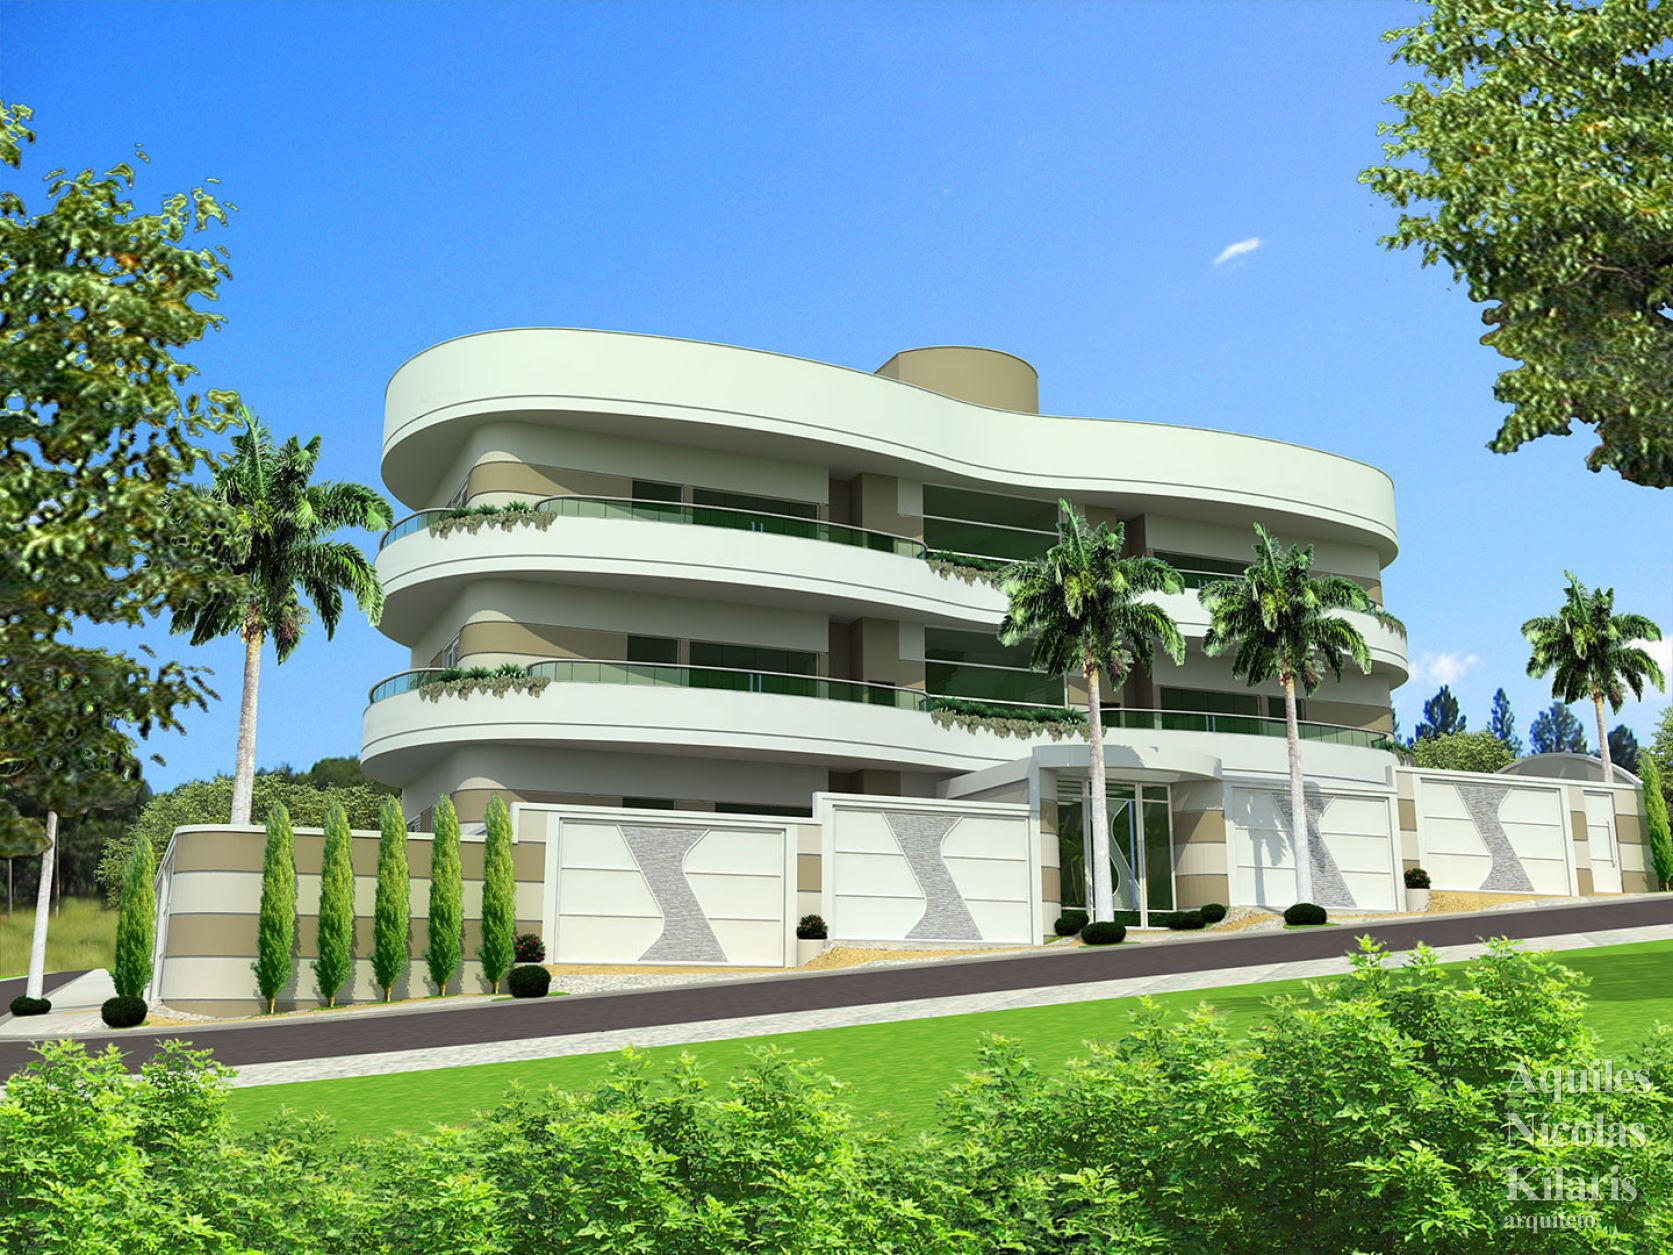 Arquiteto - Aquiles Nícolas Kílaris - Projetos Corporativos - Edifício A e M